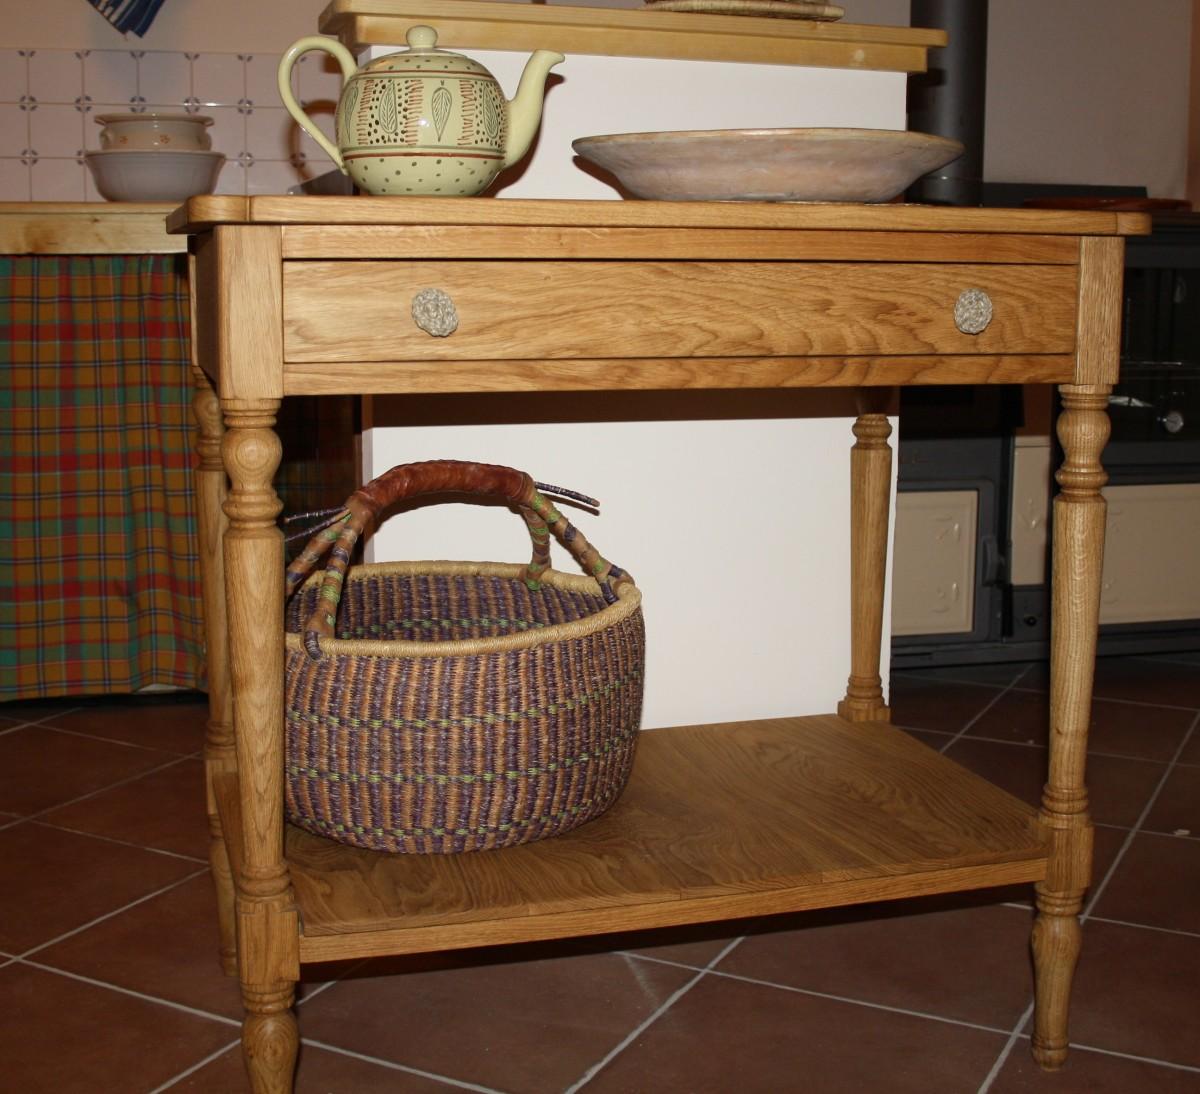 TAVOLO TORNITO e1399560612280 Home 5   refine slider   shop